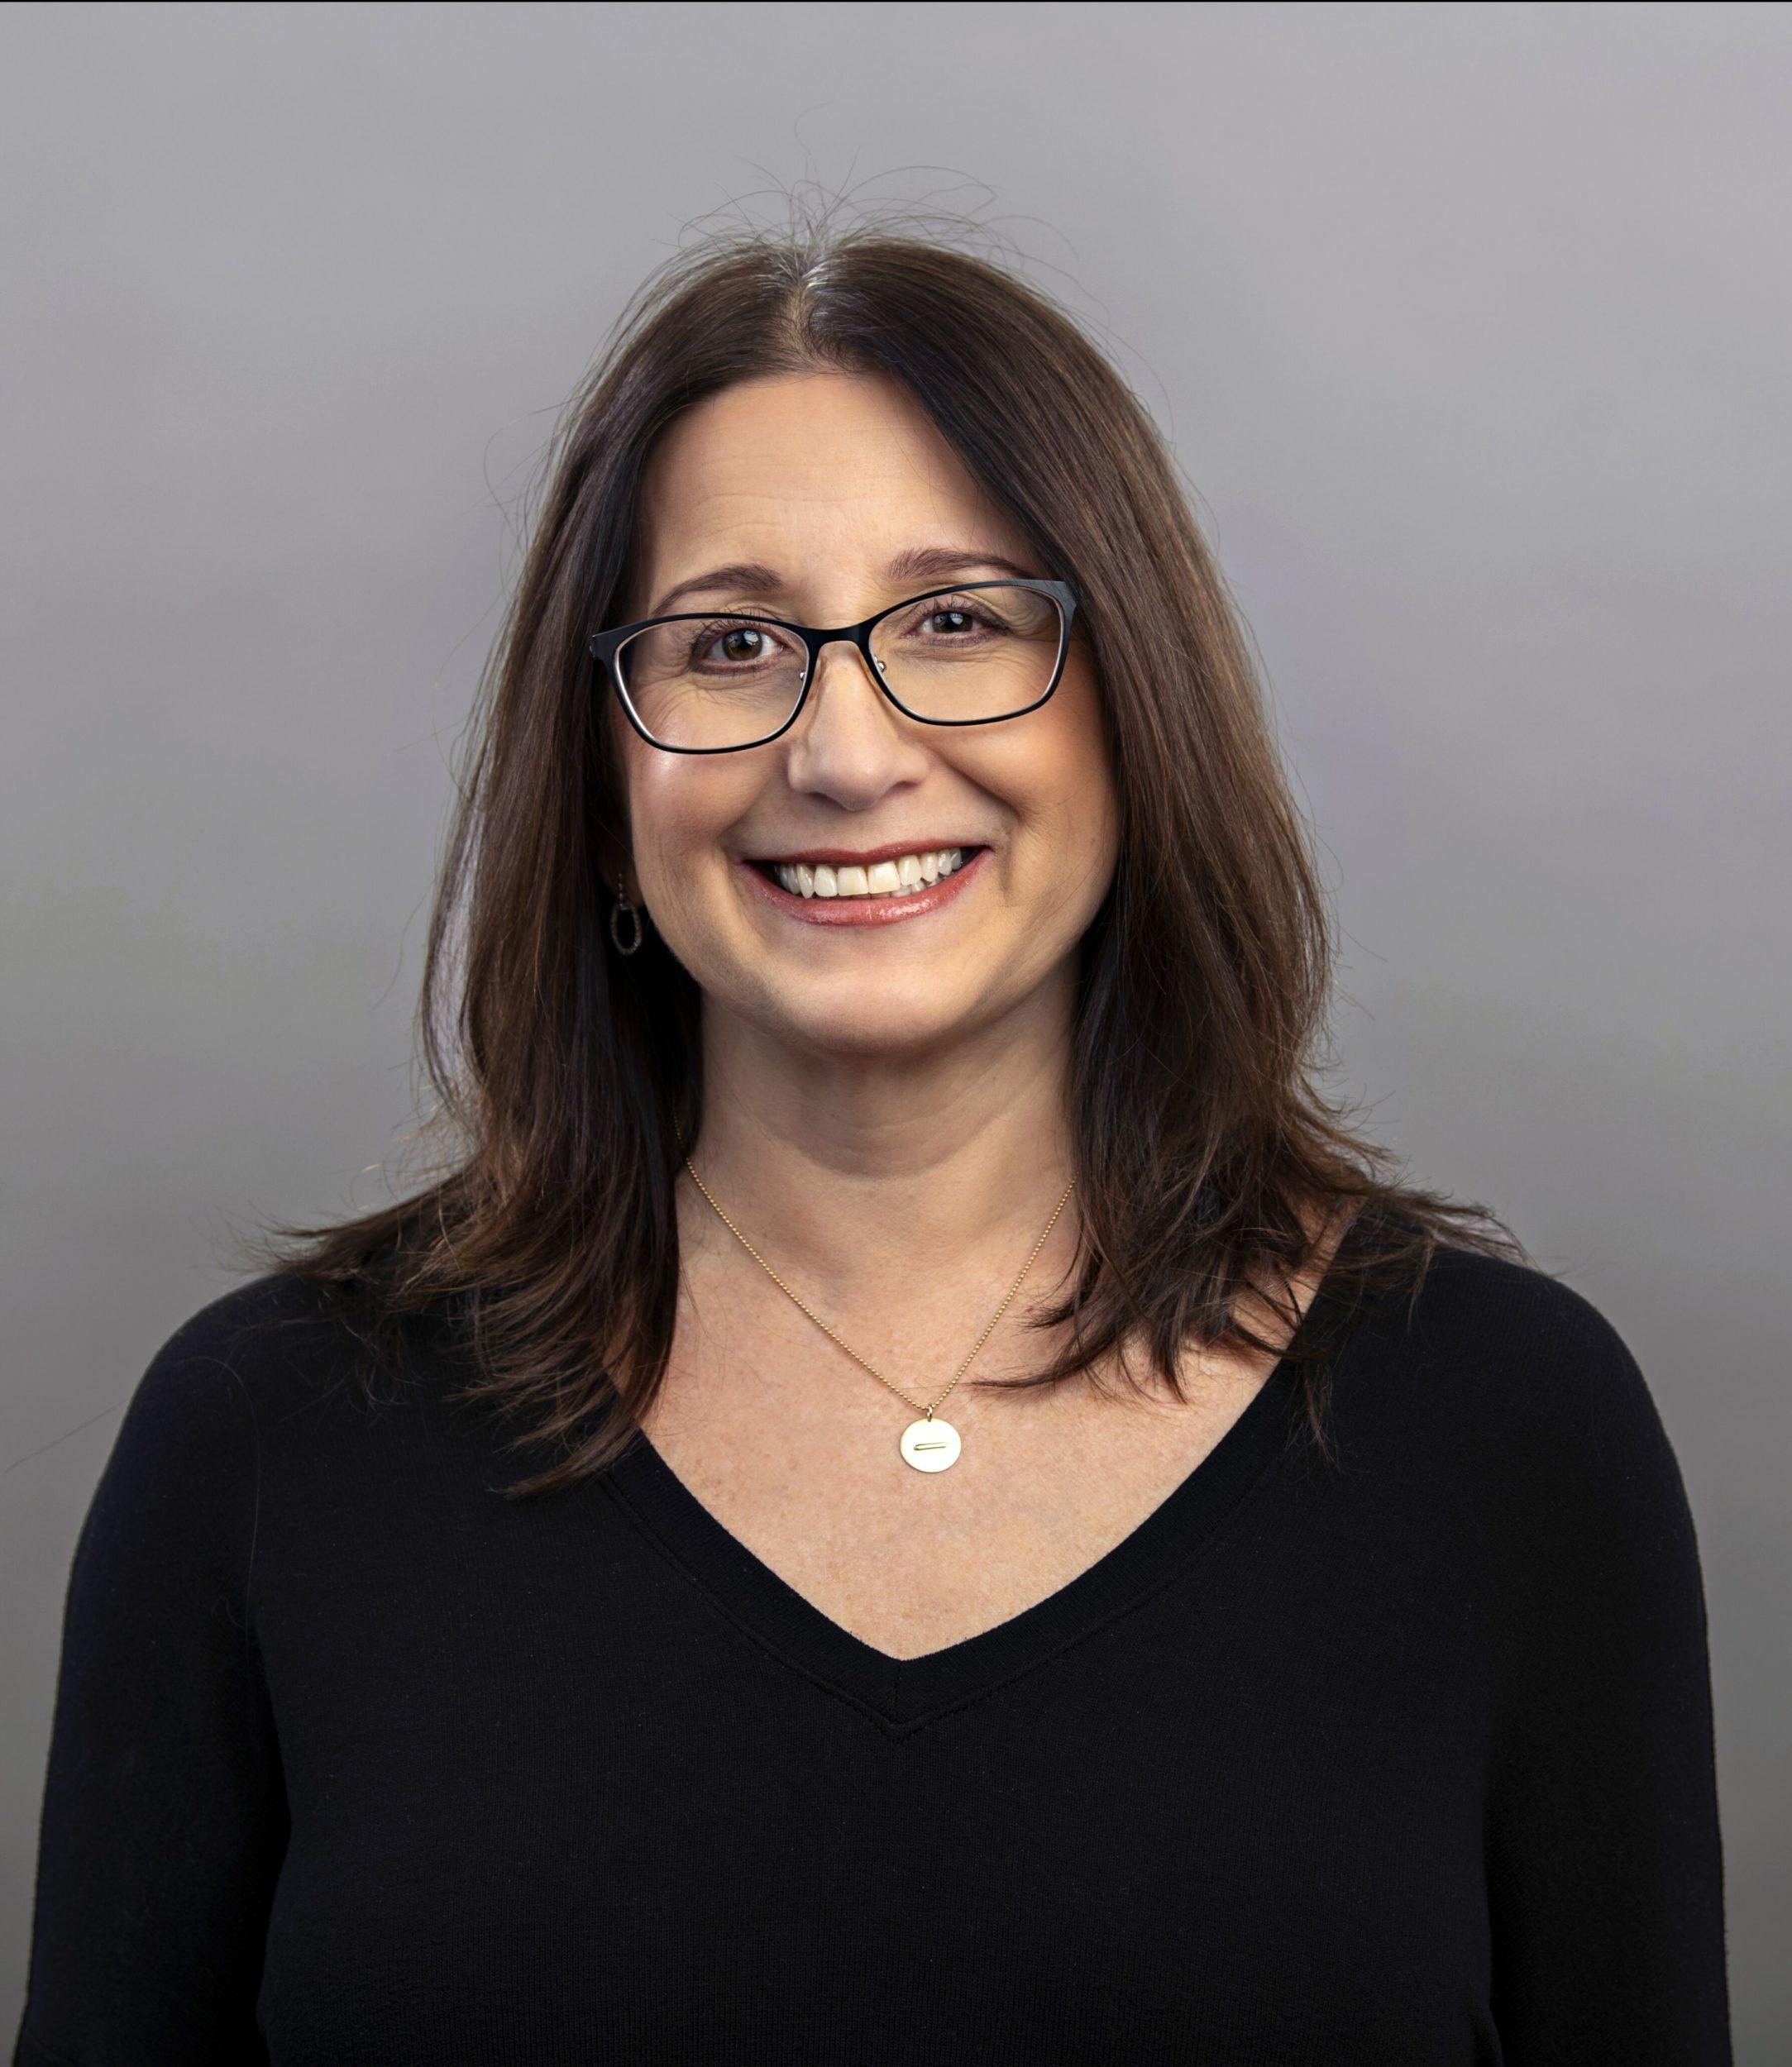 Cindy Katzeff